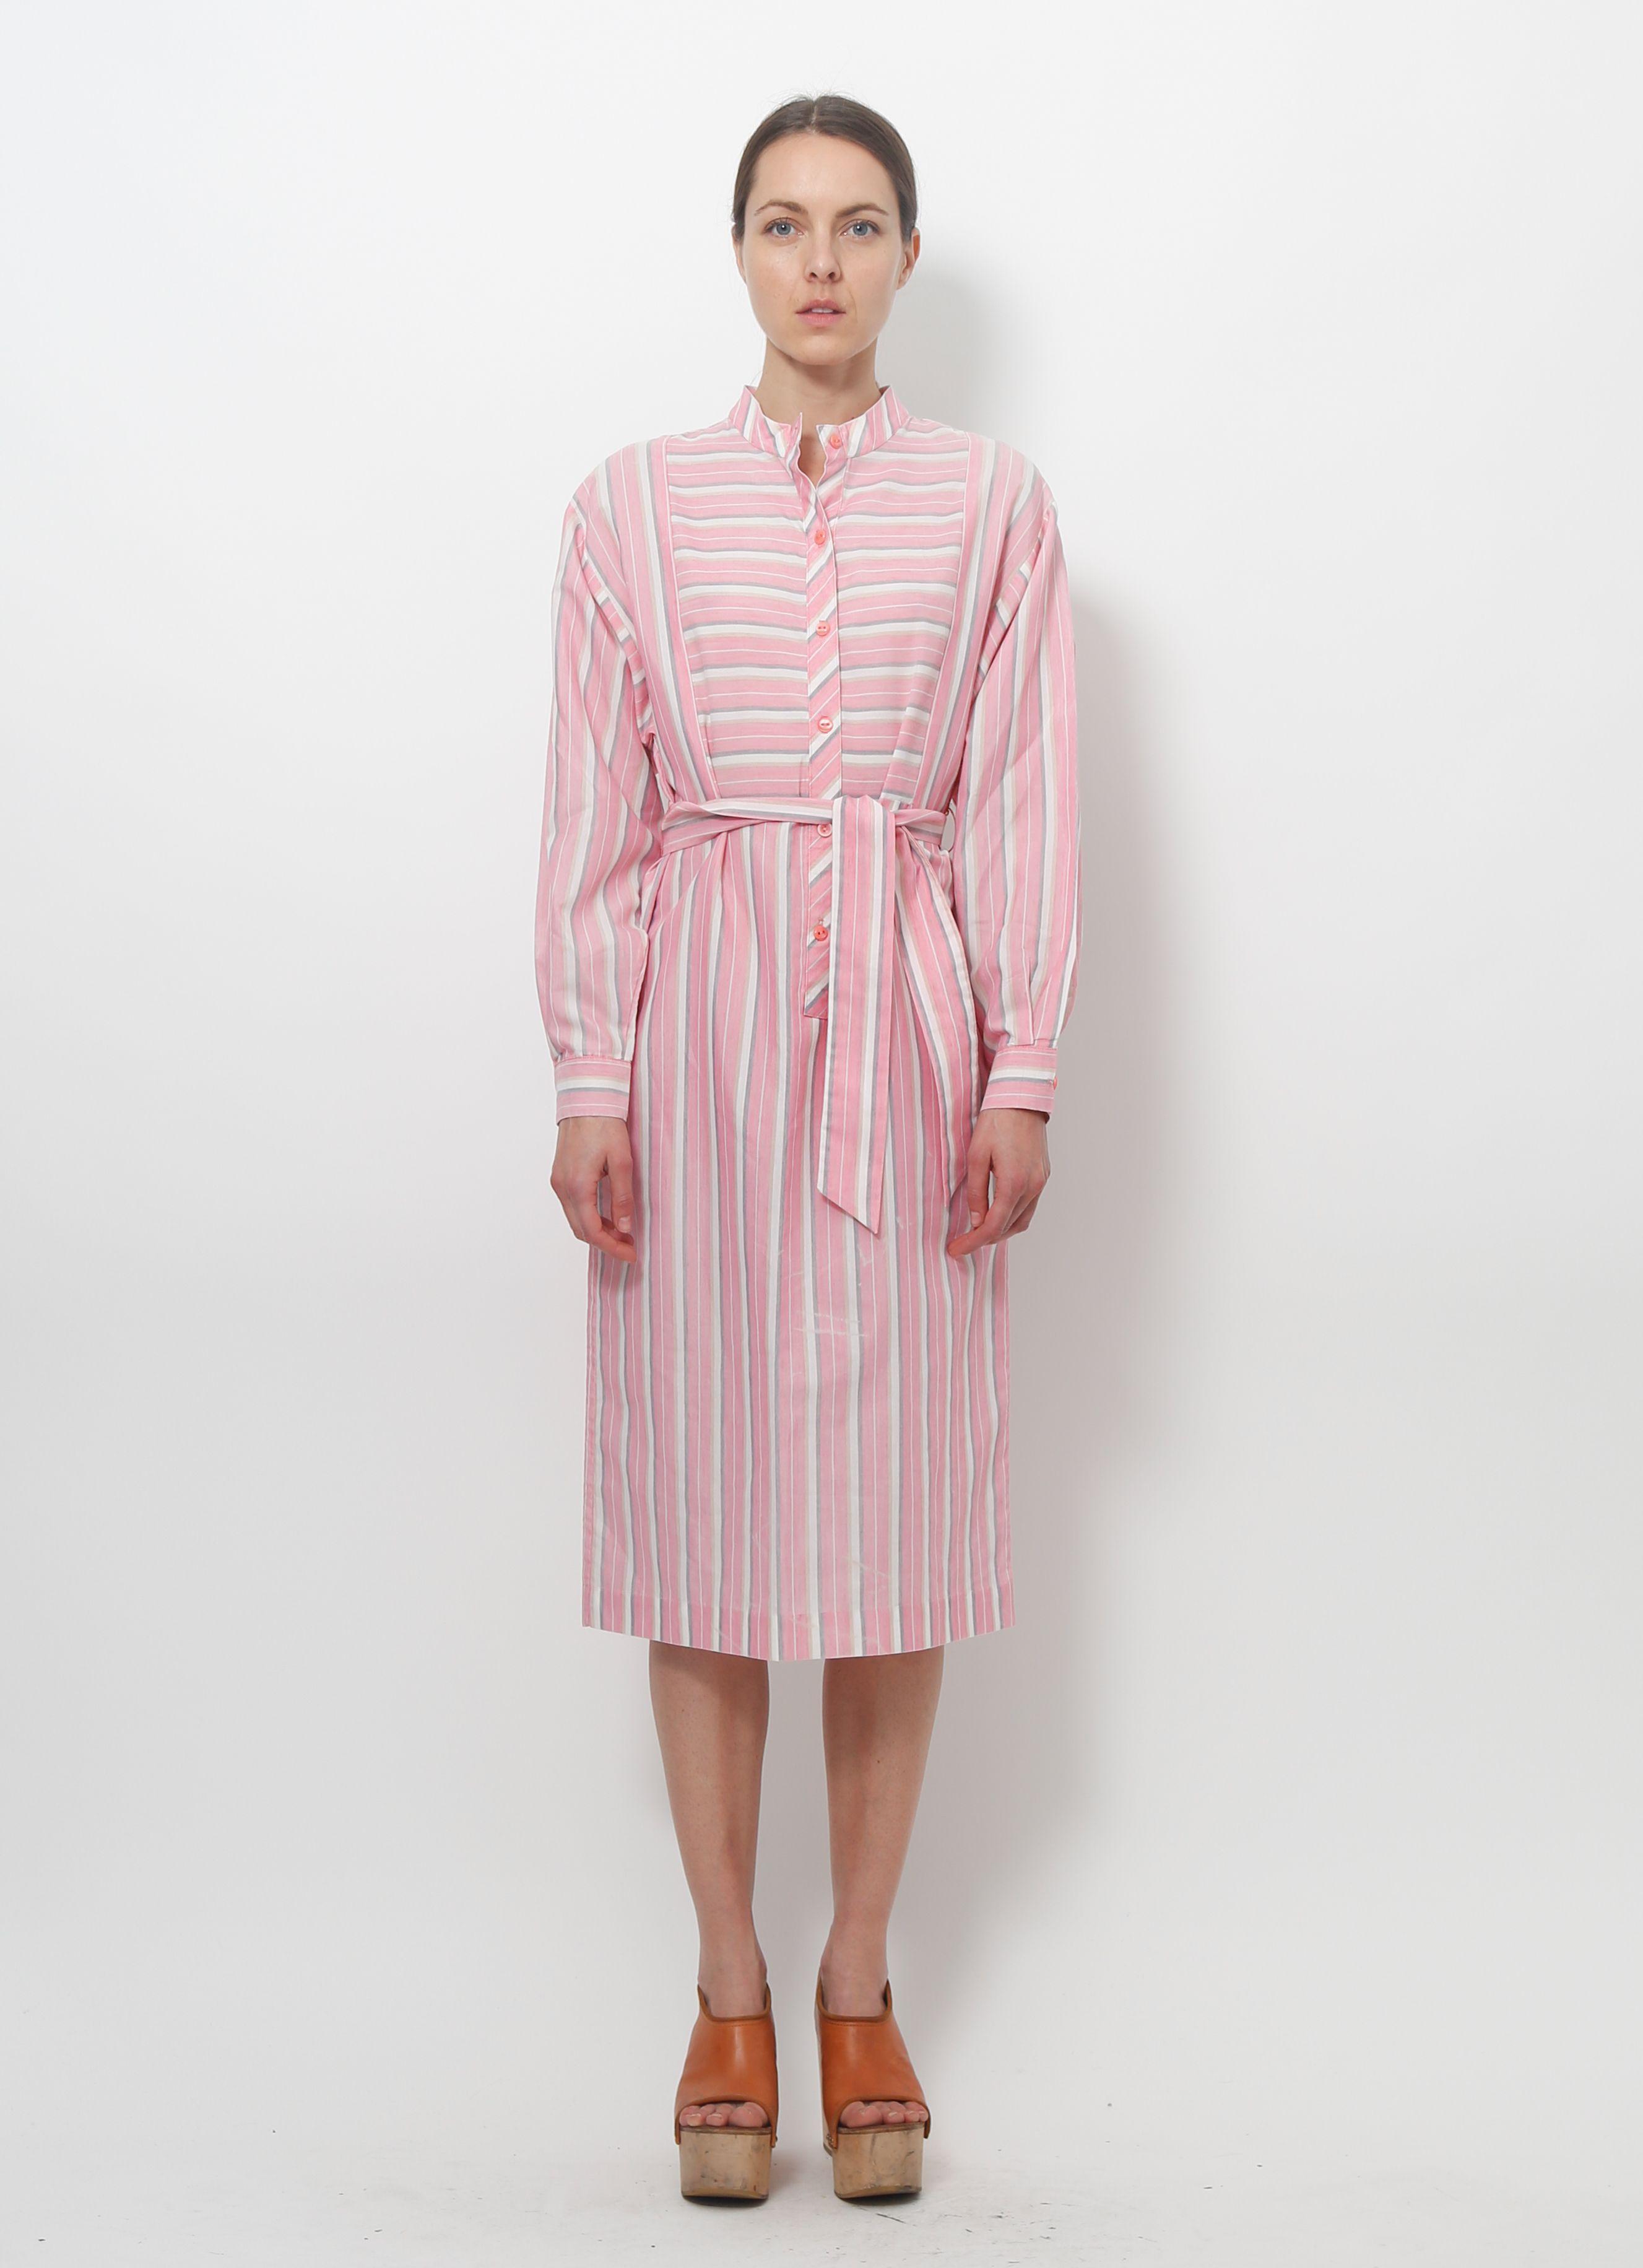 1e5009bae48bca Lanvin   '70s Cotton Tunic   RESEE Contemporary Fashion, Lanvin, Vintage  Designs,